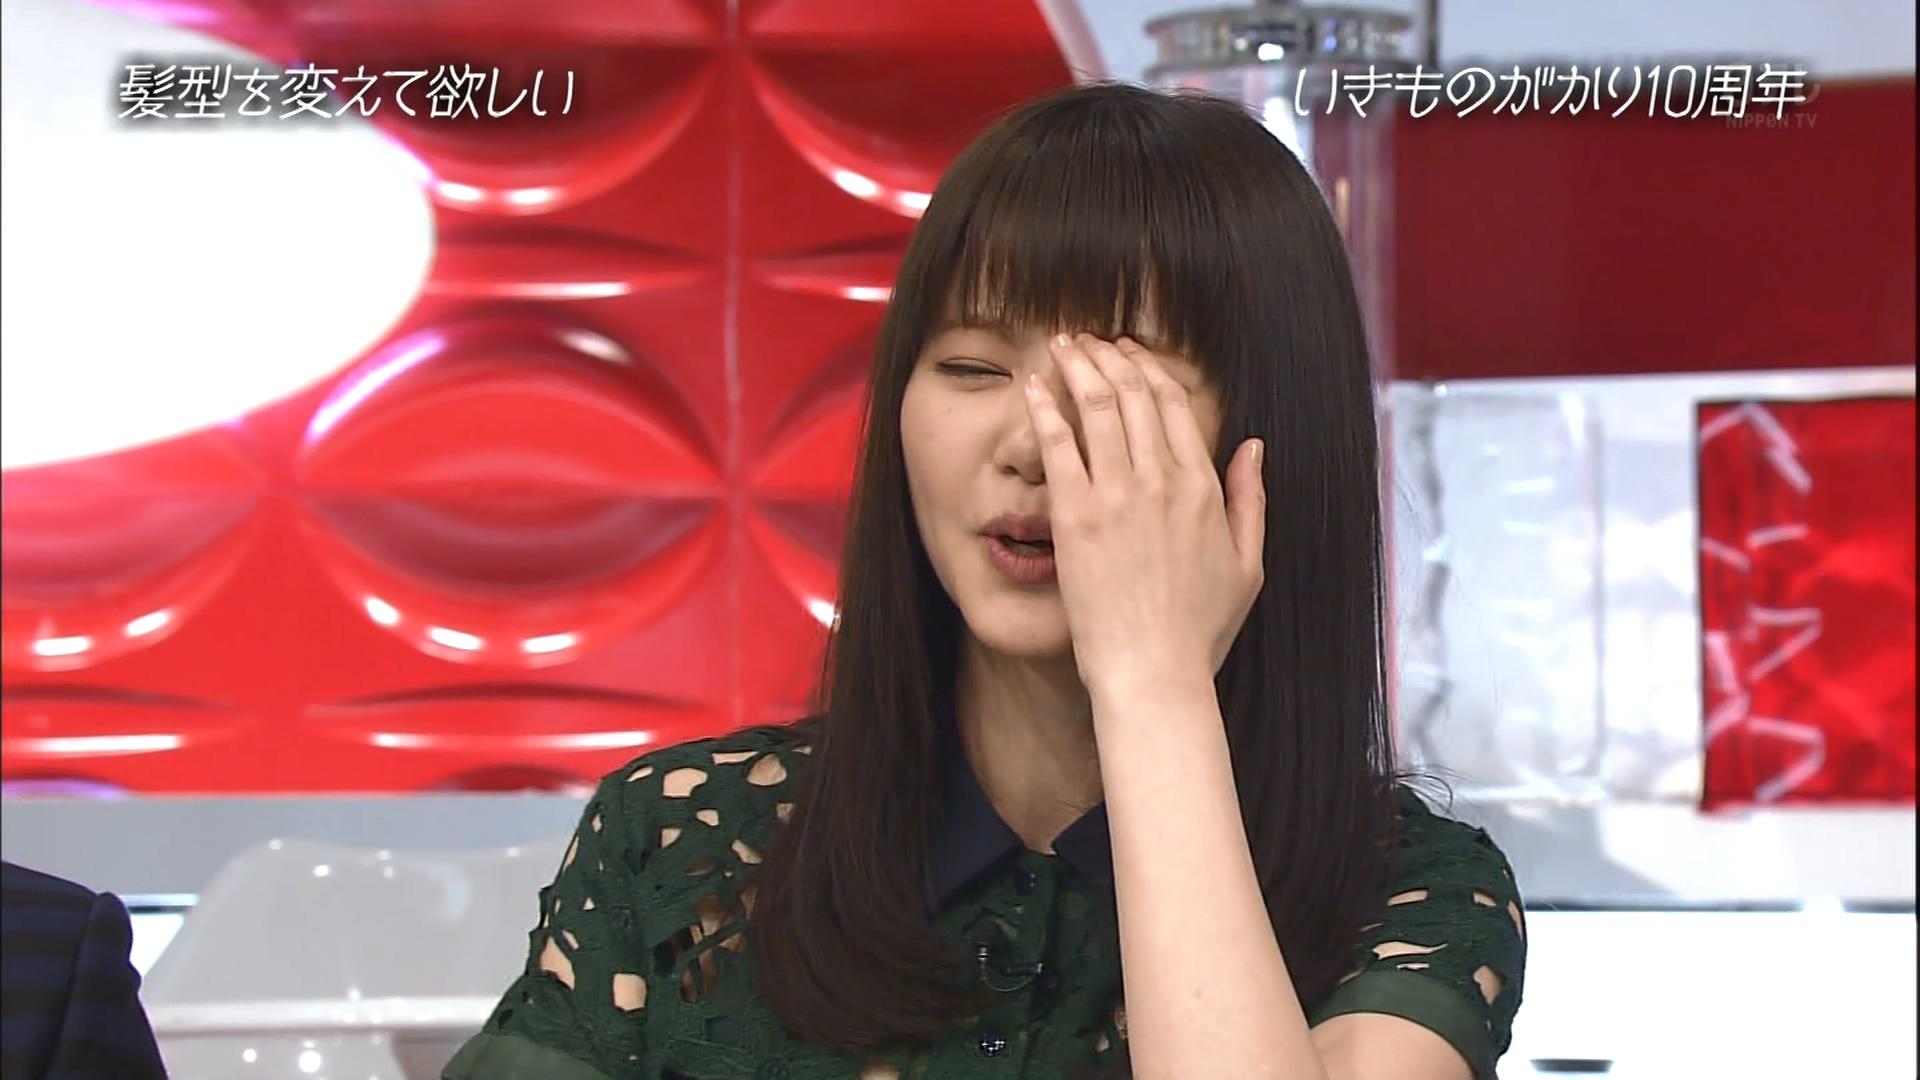 2016.03.13 全場(おしゃれイズム).ts_20160313_233312.090